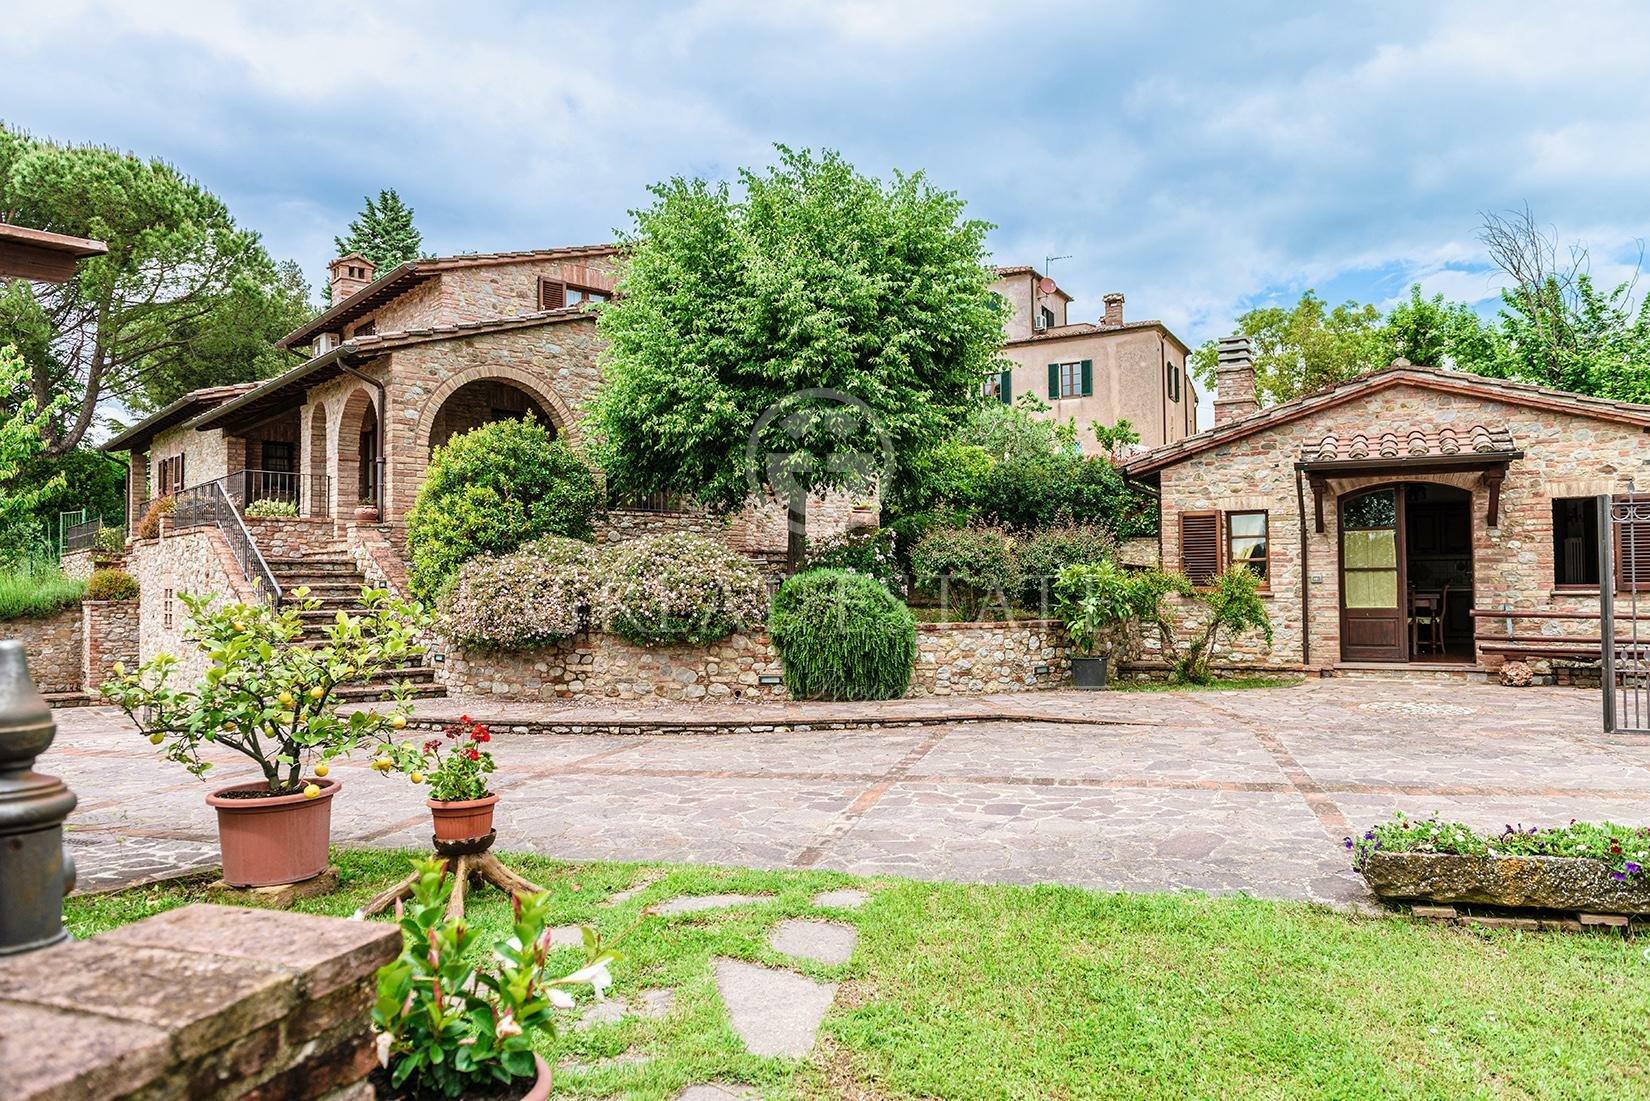 Tenuta a Umbria, Italia 1 - 11409995